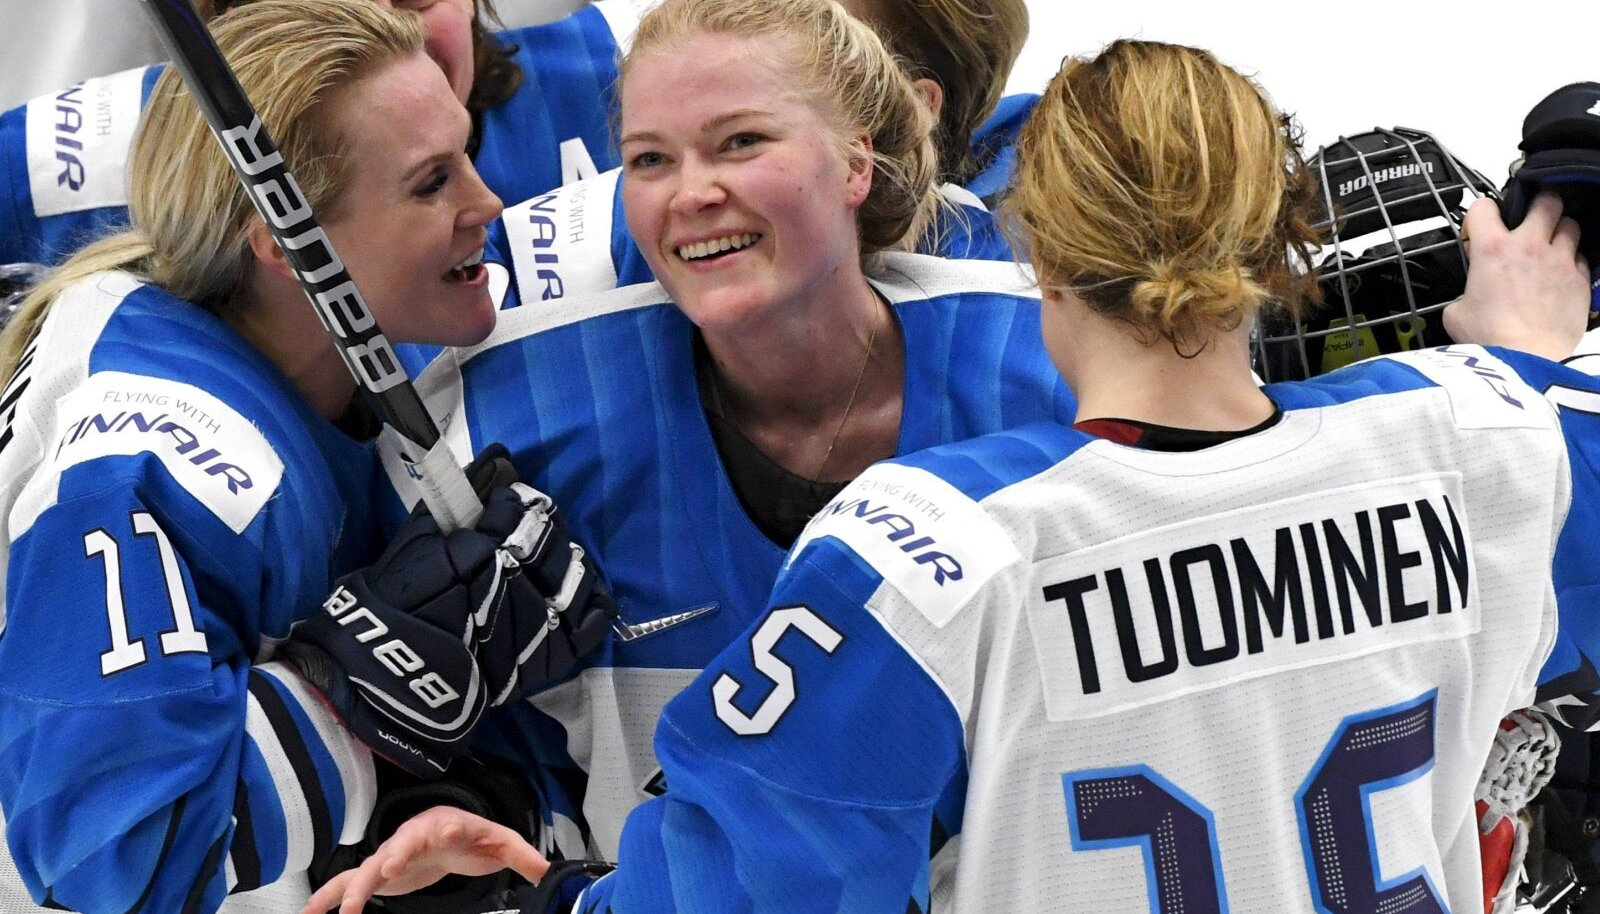 Soome naiskond tähistamas